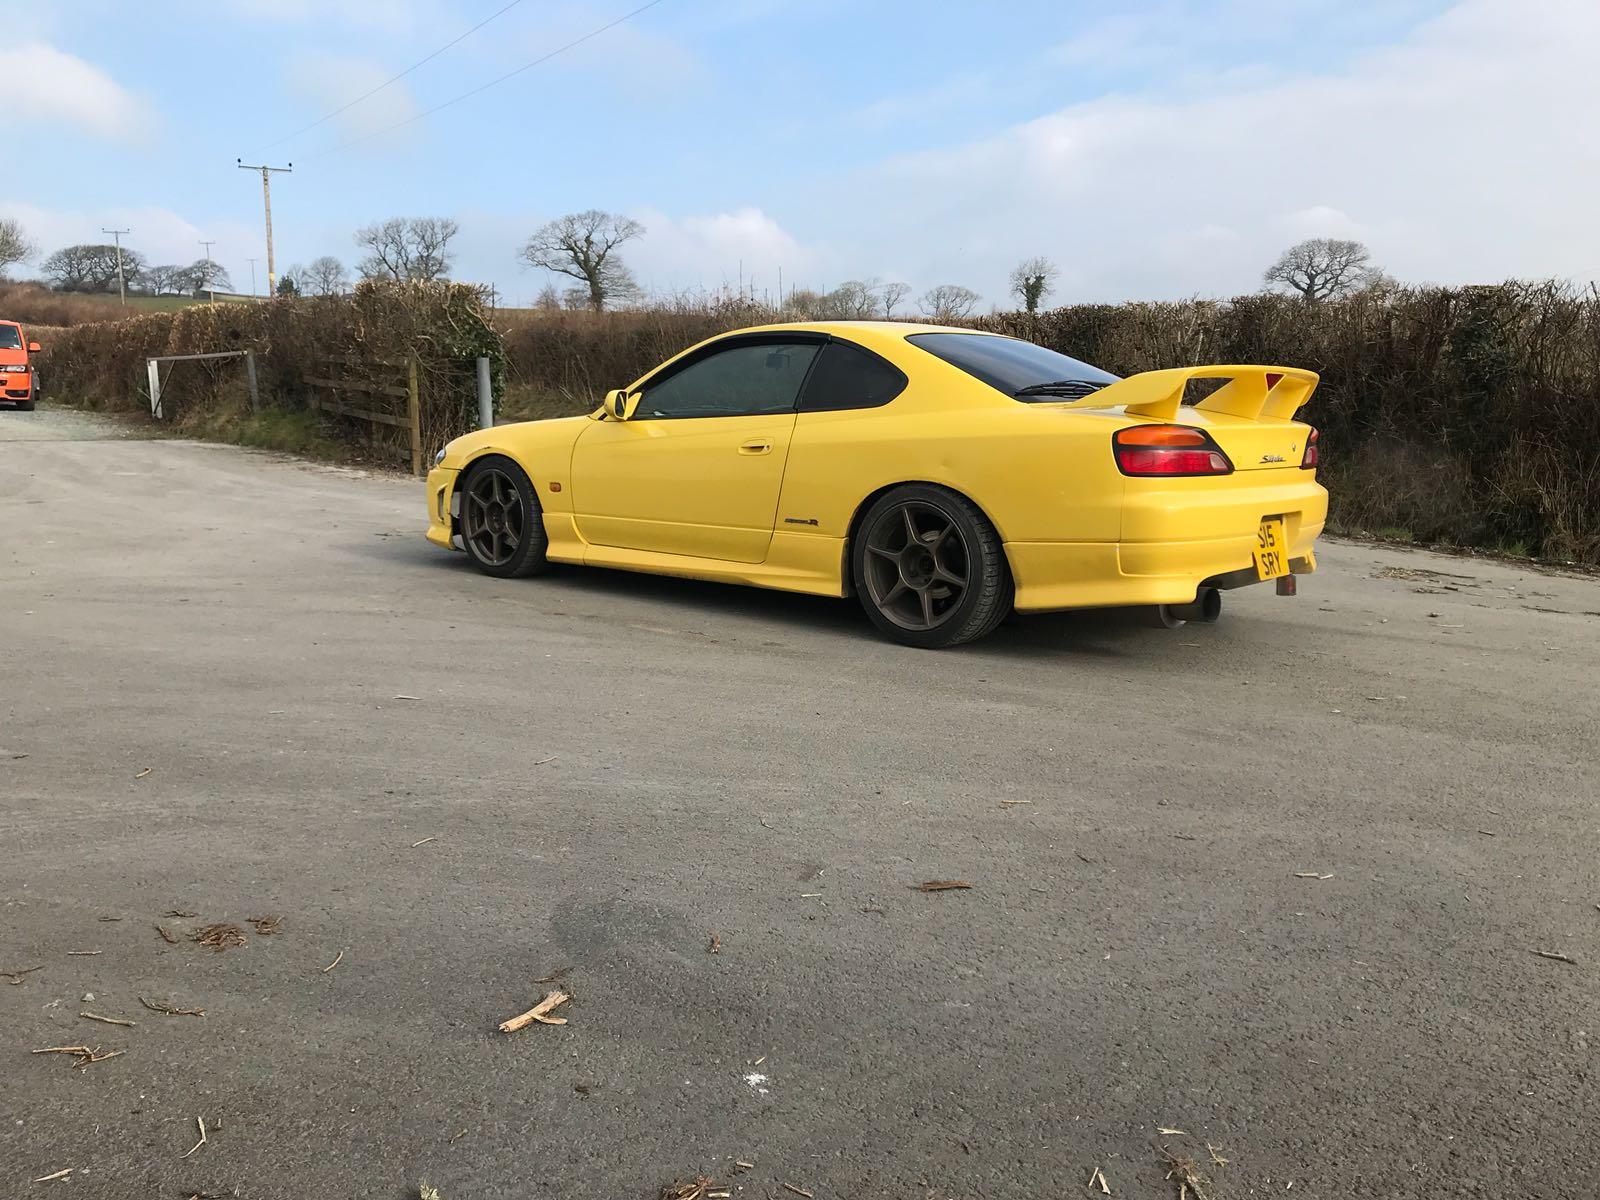 Nissan Silvia S15 For Sale Usa >> 1999 Nissan Silvia S15